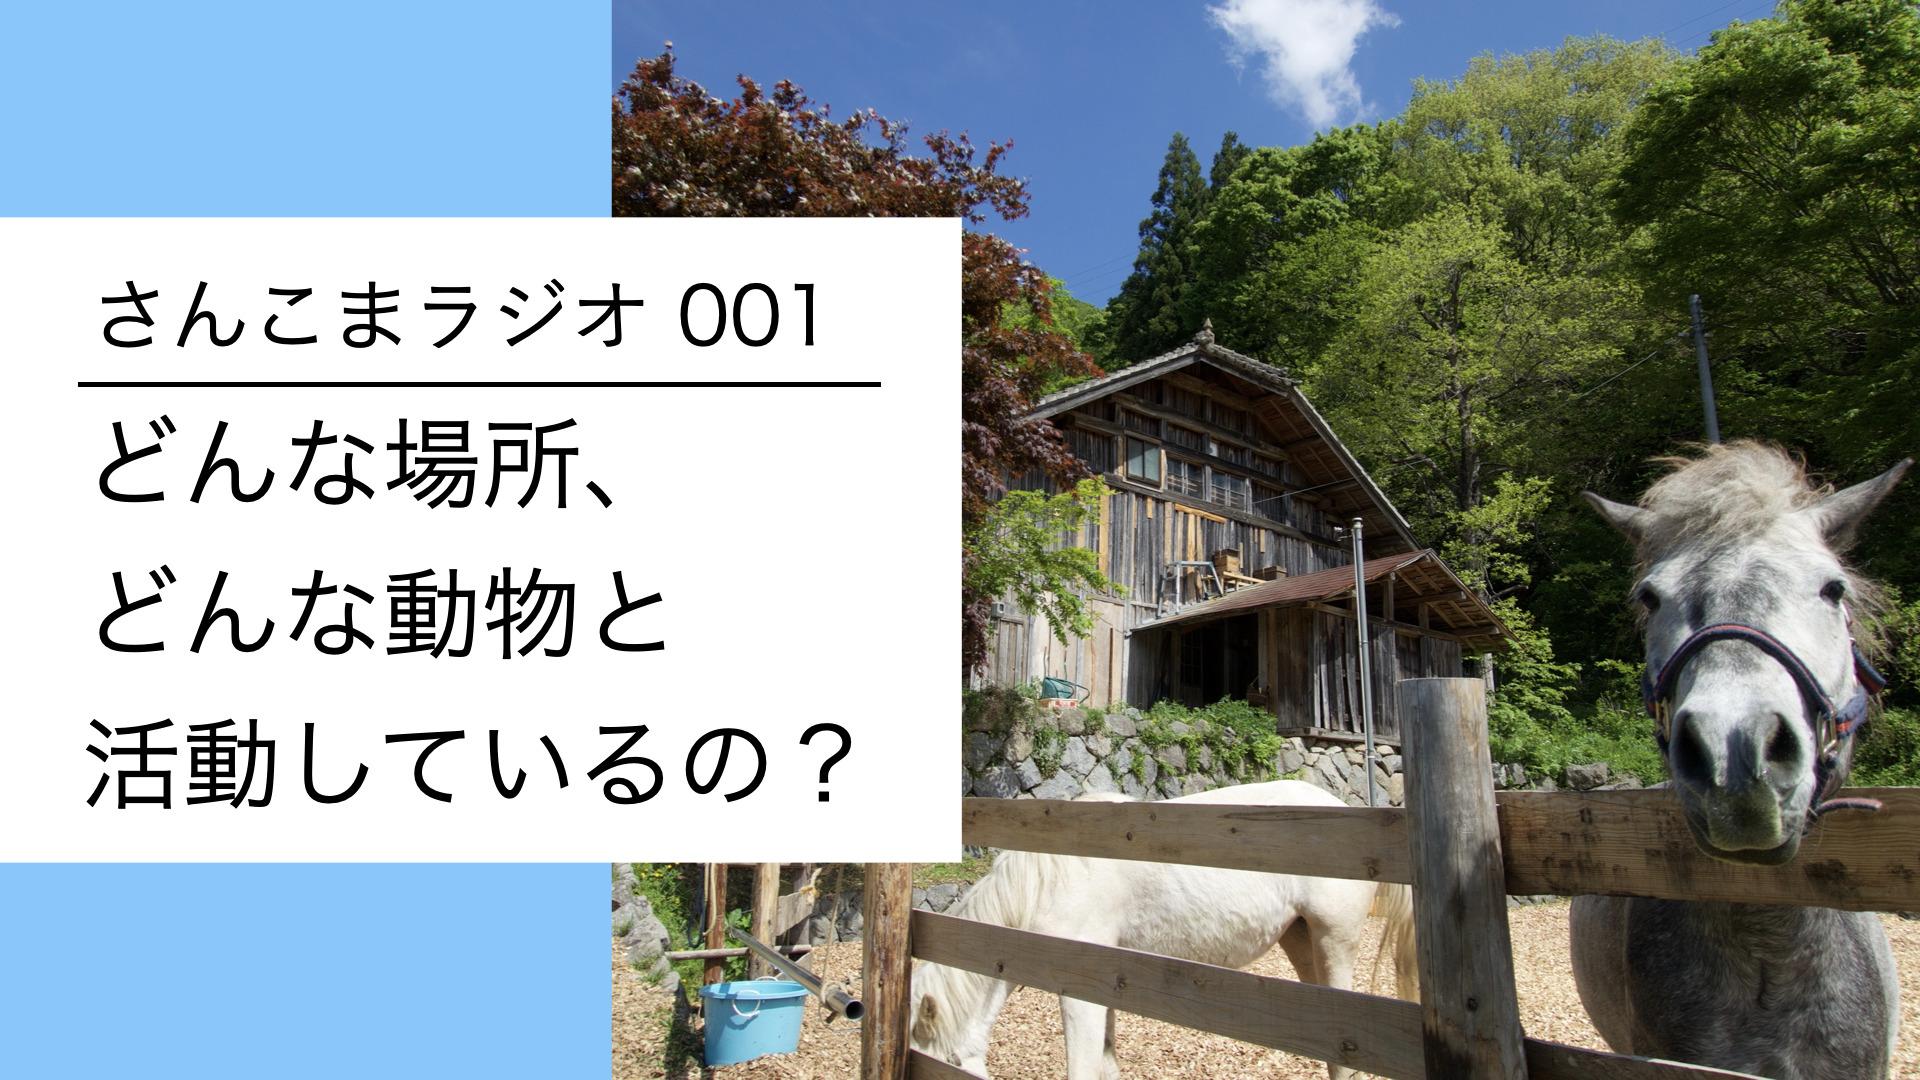 さんこまラジオ〜001 どんな場所、どんな動物と活動しているの?